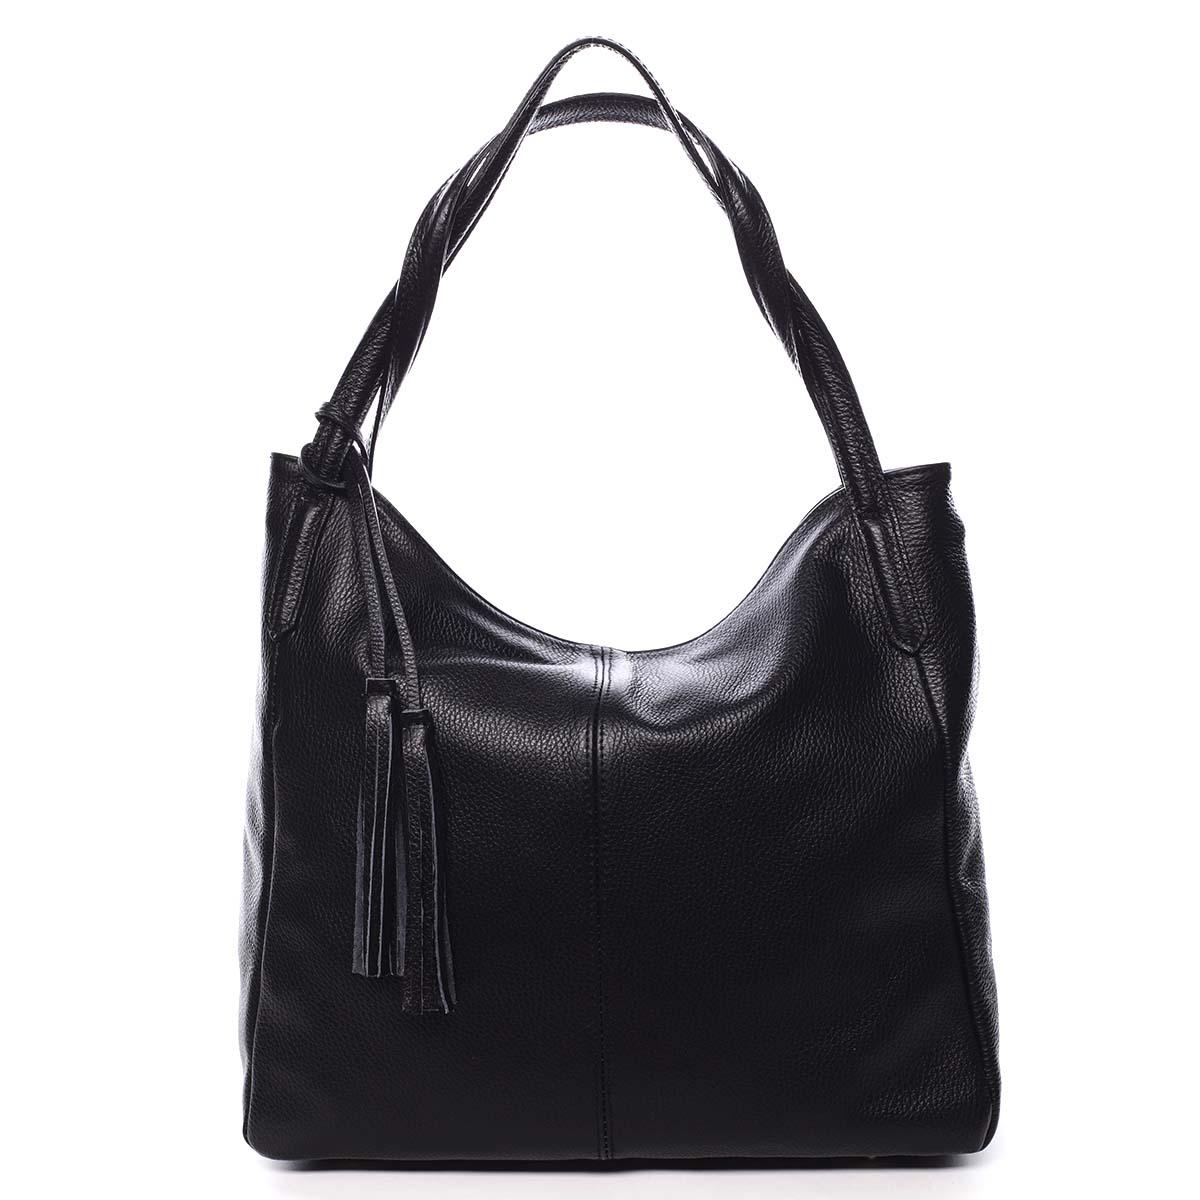 Veľká dámska kožená kabelka čierna - ItalY Janeth čierna